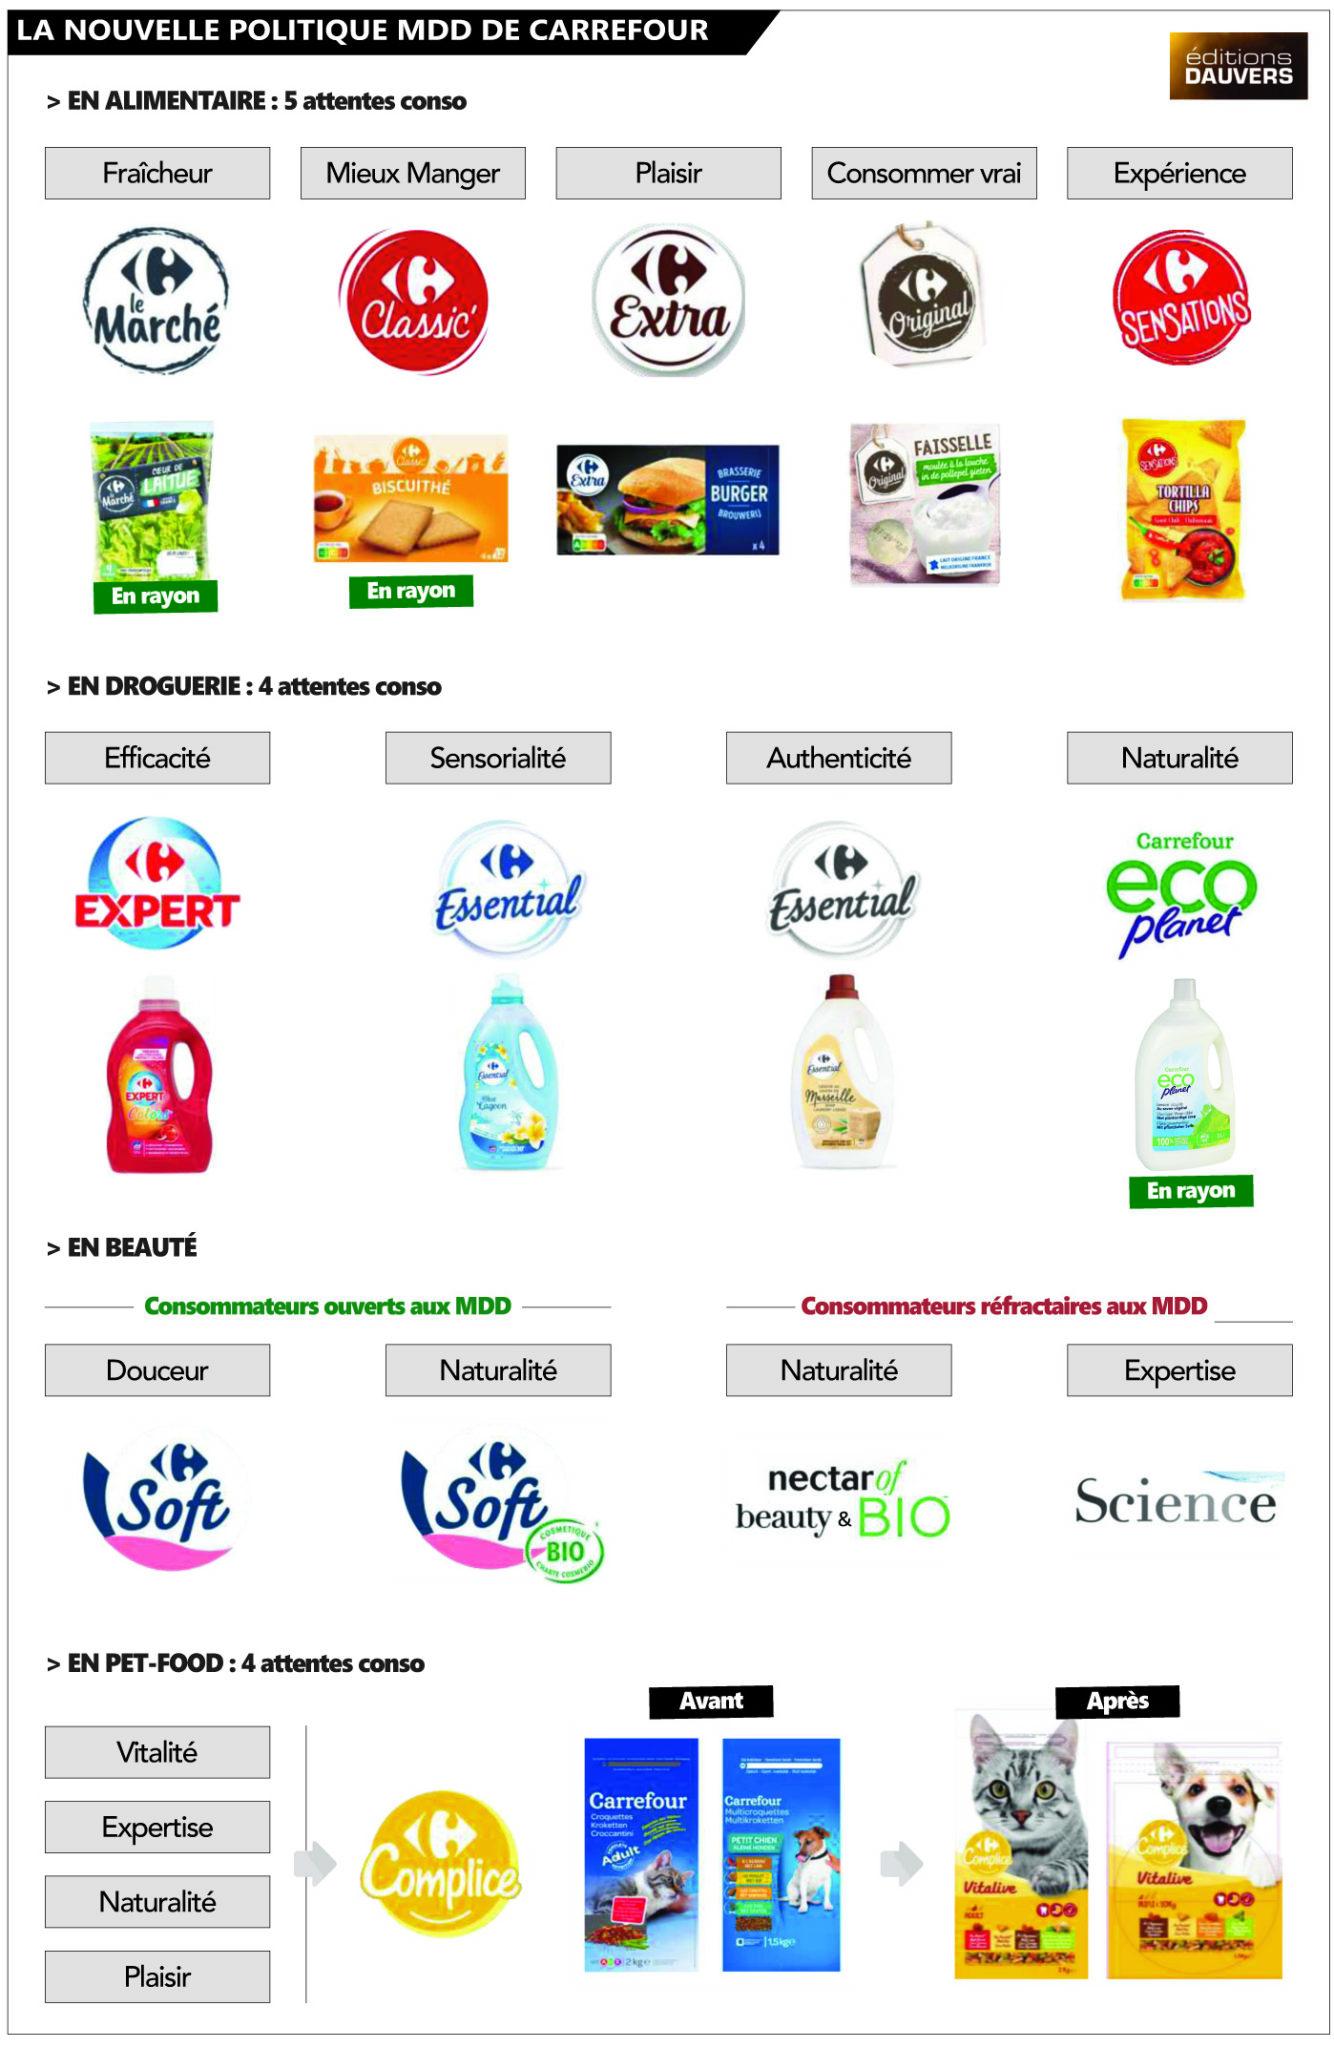 MDD Carrefour